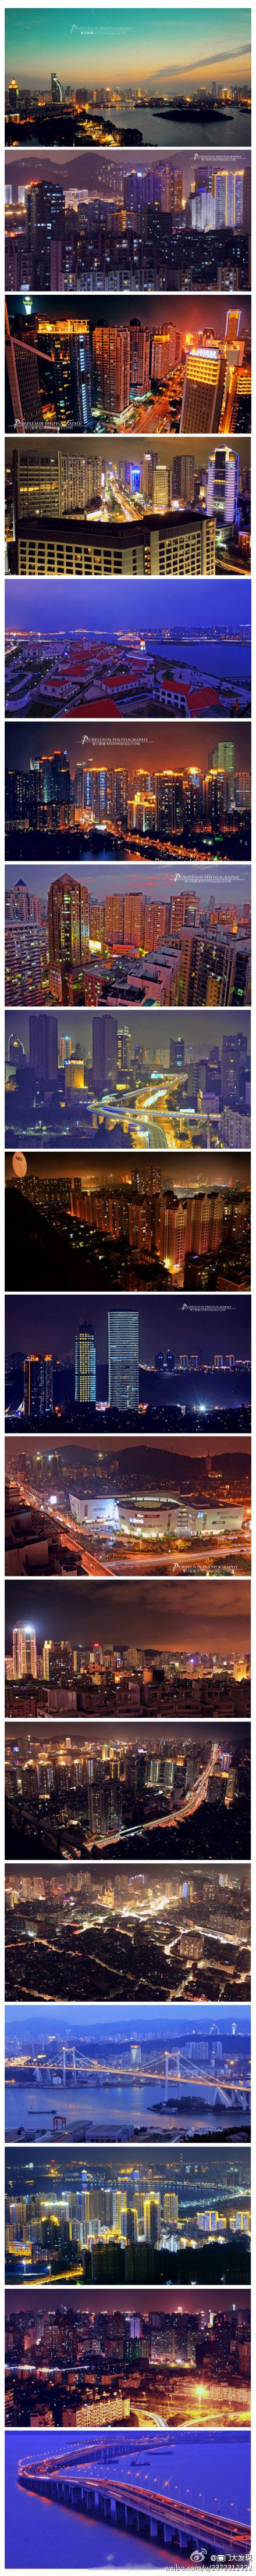 印象厦门·空中看夜景